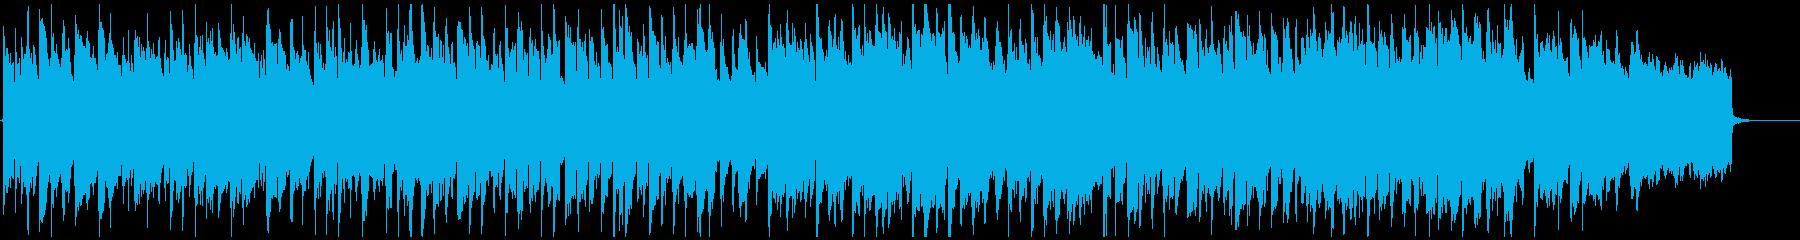 黄昏、ノスタルジー、オルガンとリコーダーの再生済みの波形